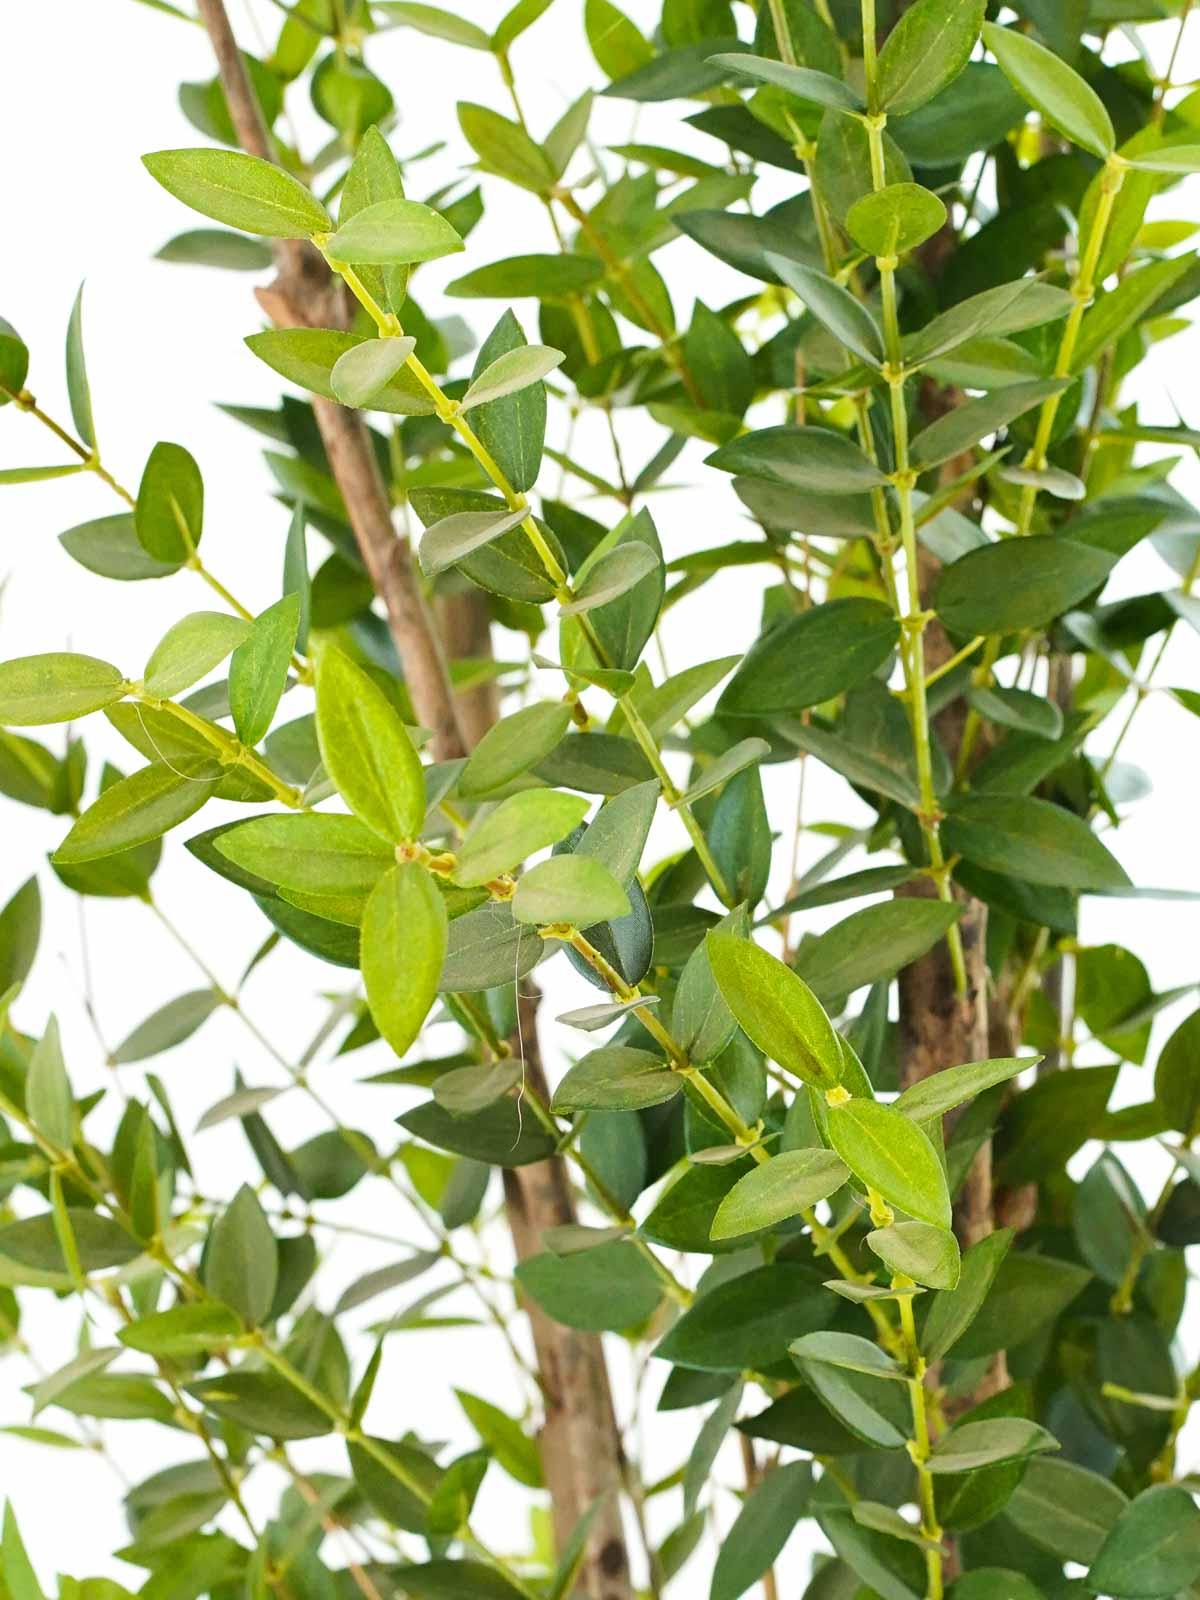 شجرة ميكالبتوس - صغير نباتات اصطناعية أشجار